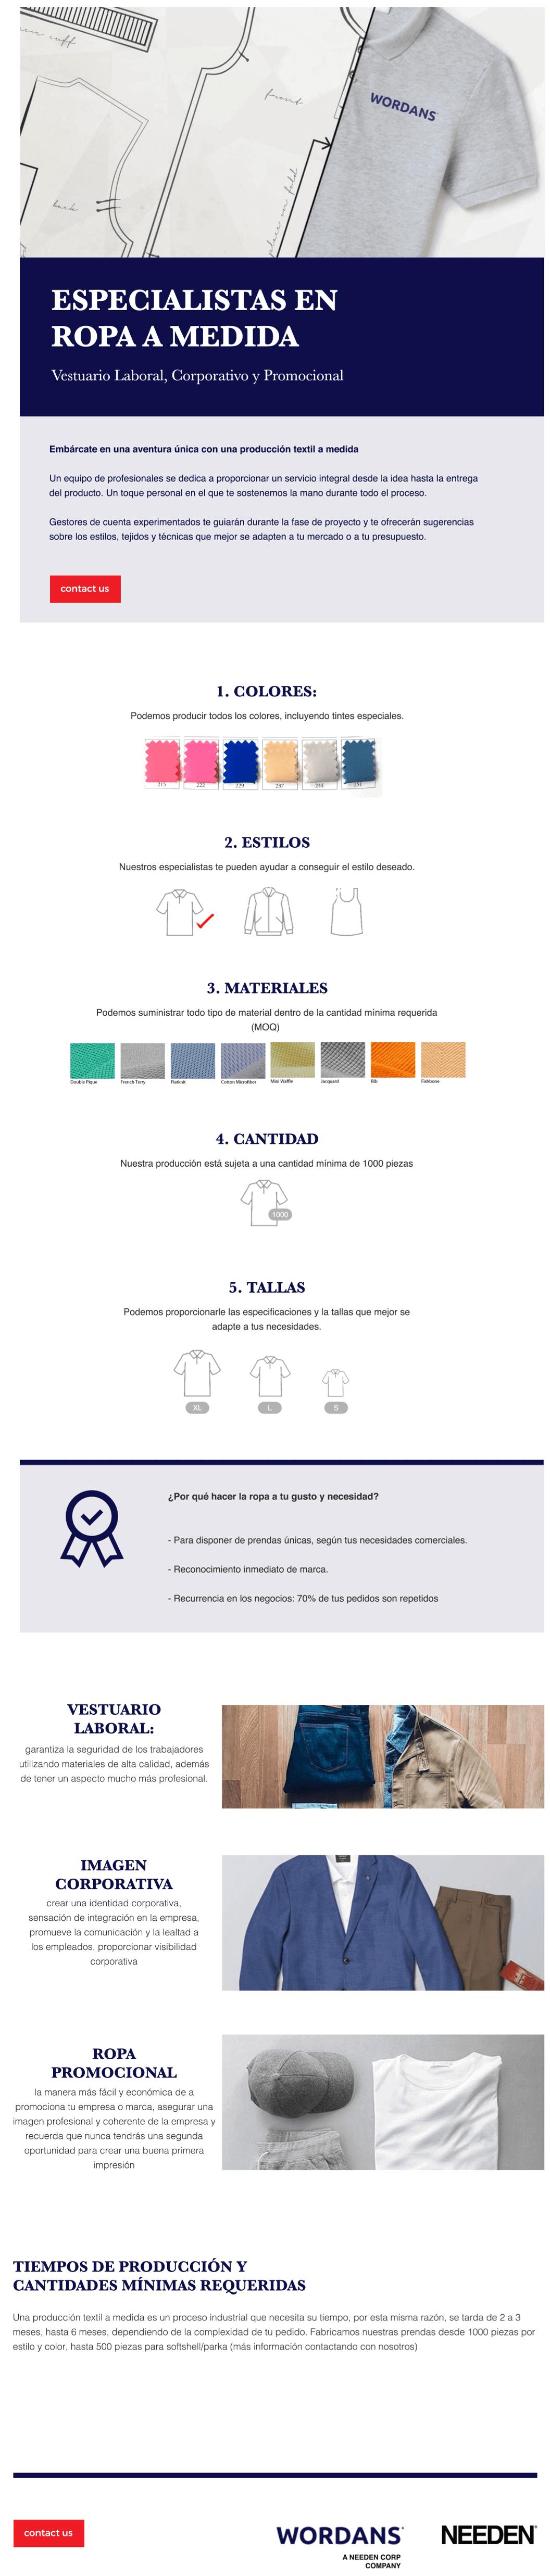 Especialistas en ropa a medida